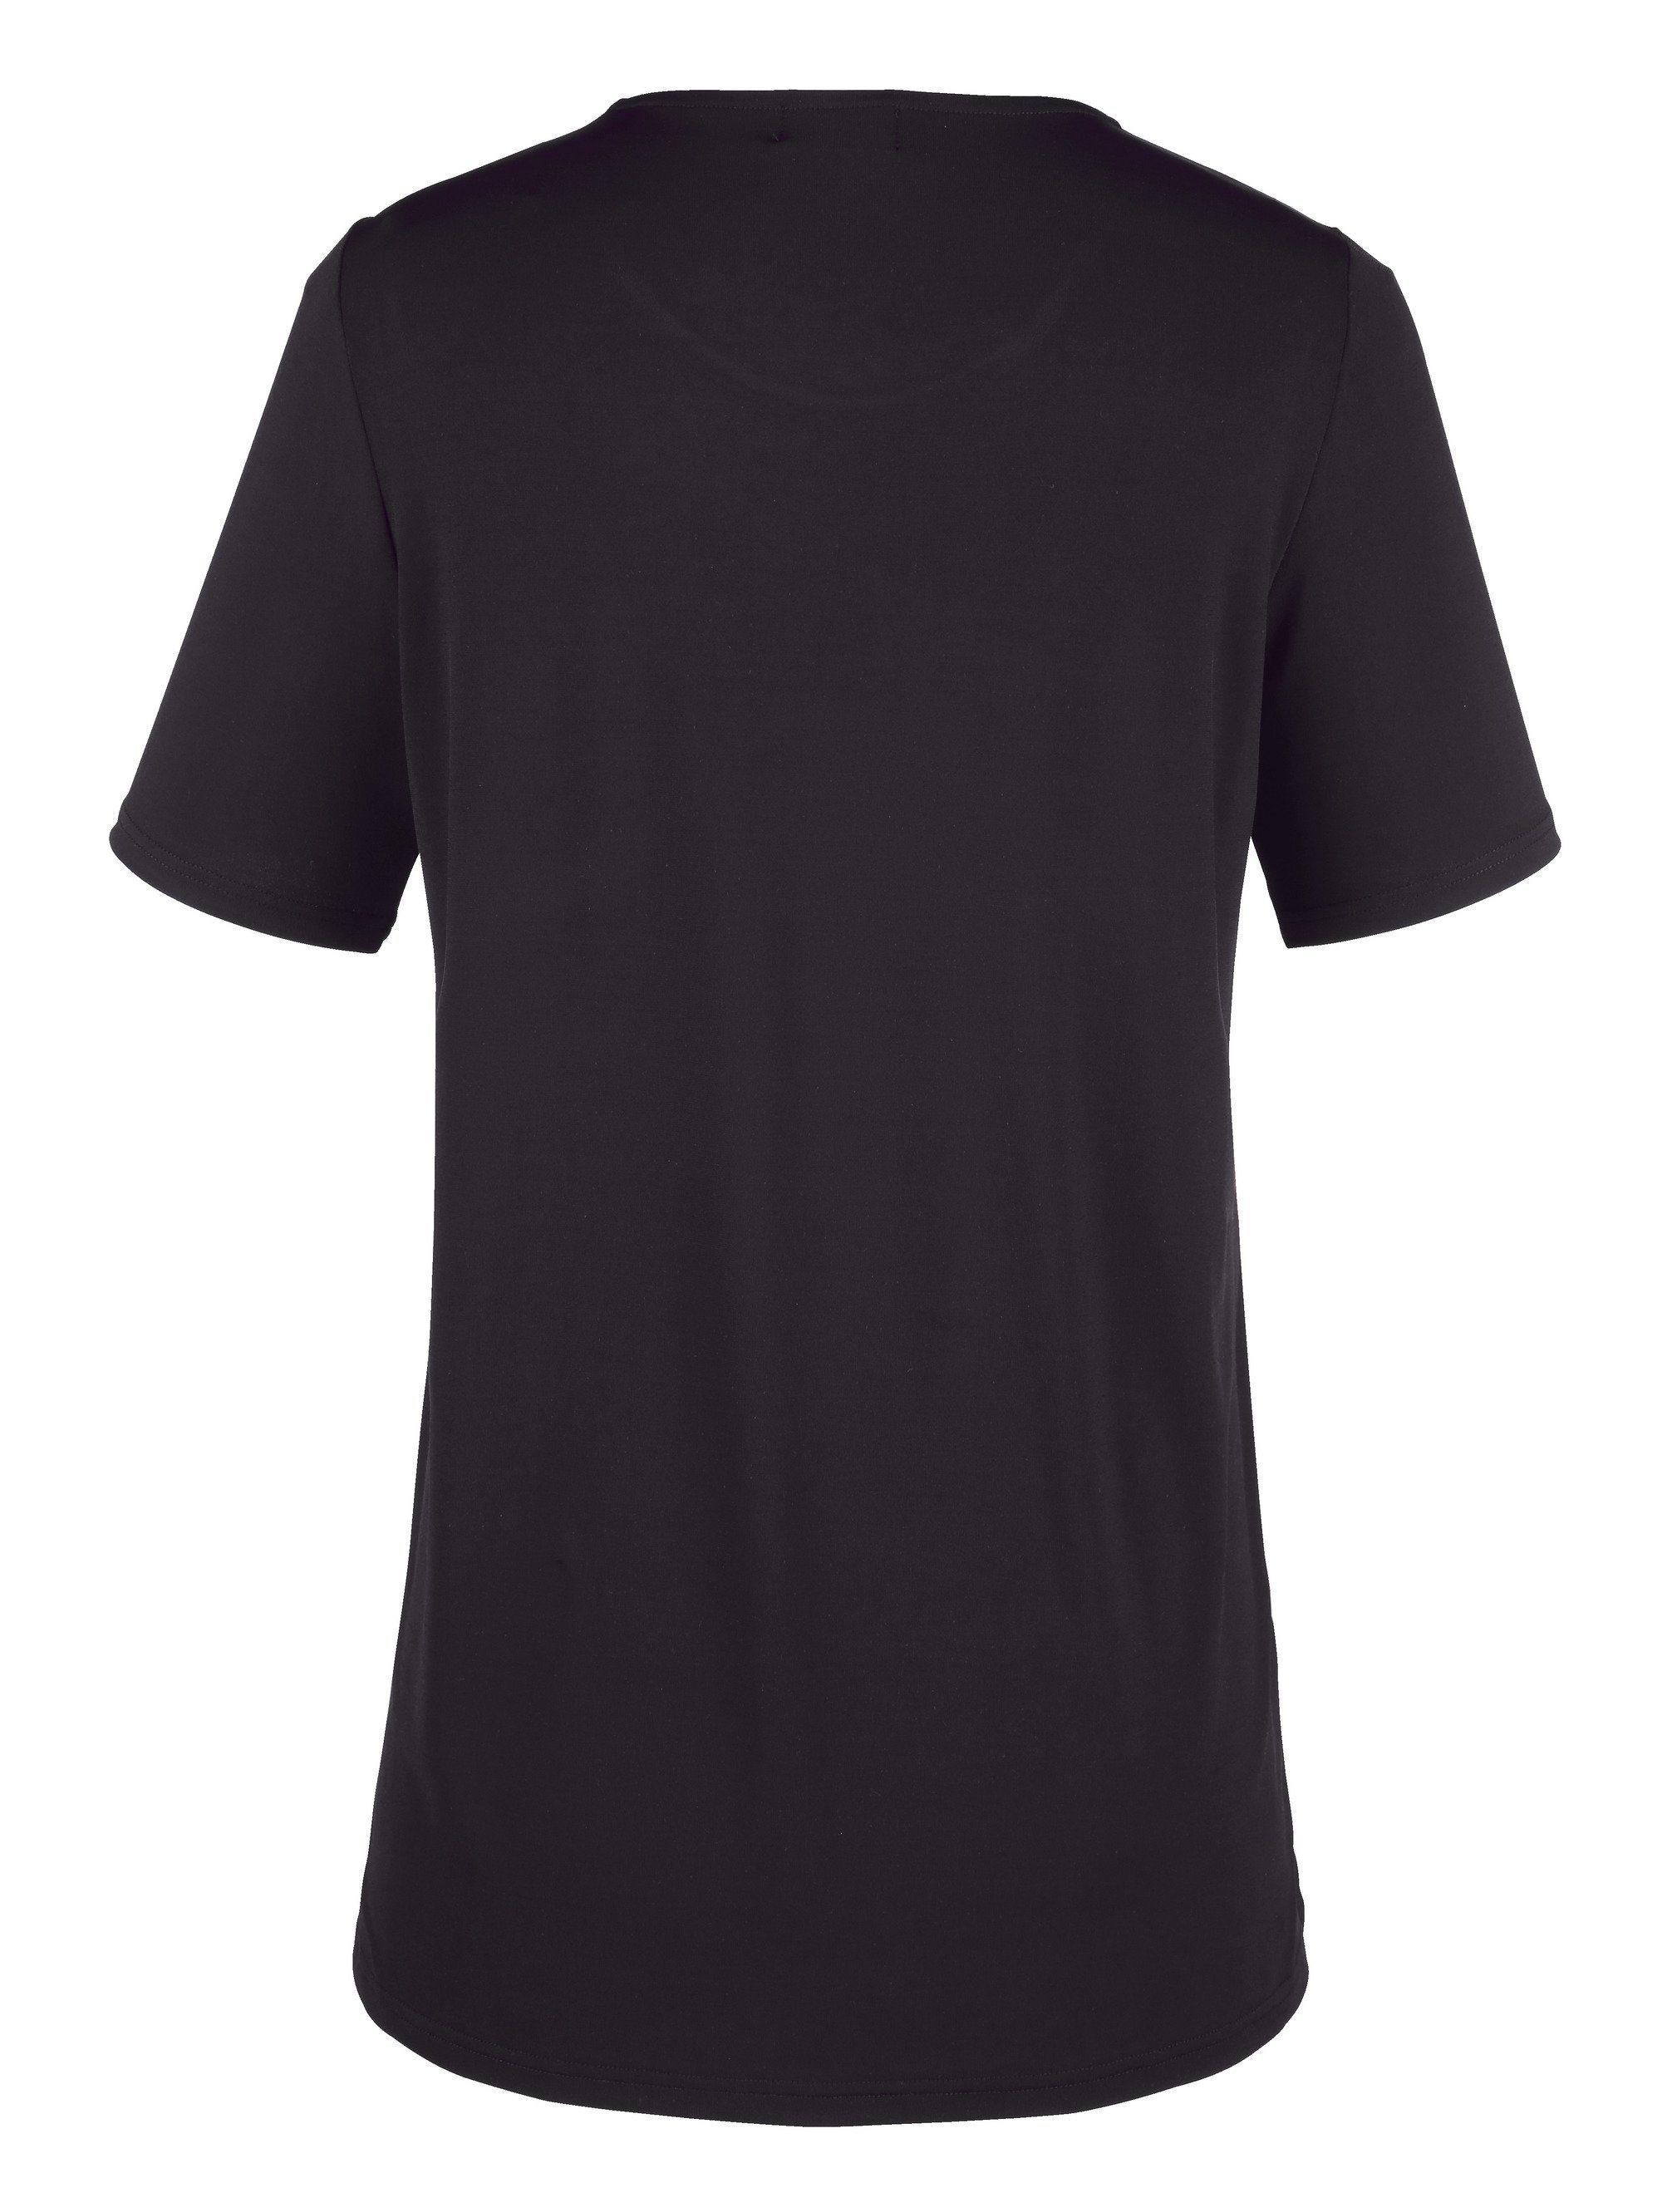 M. Collection Longshirt Vorne Bedruckt Kaufen